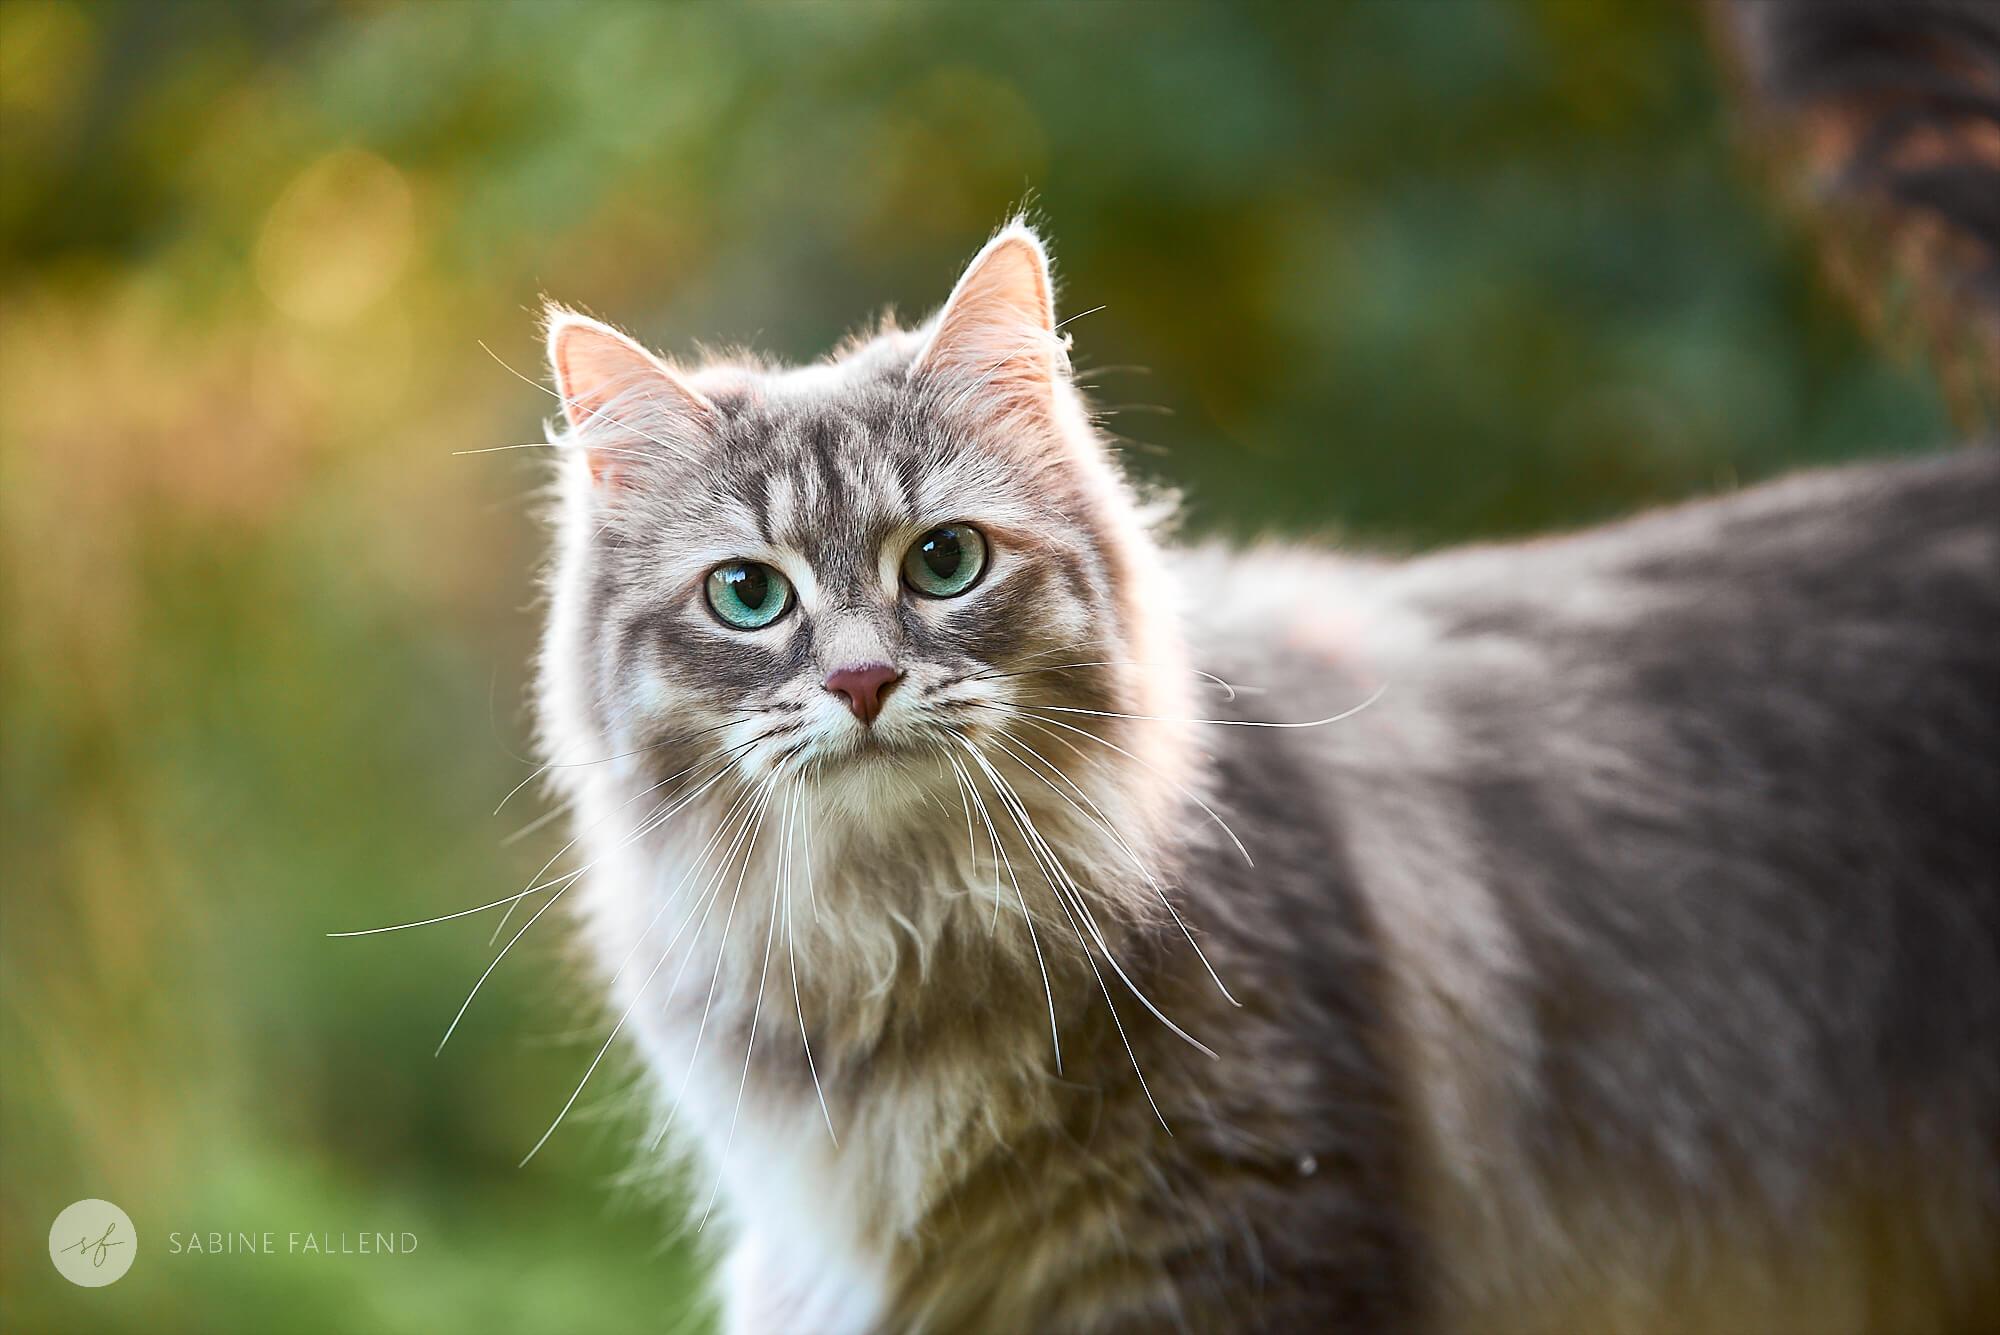 Katze Portraitfoto